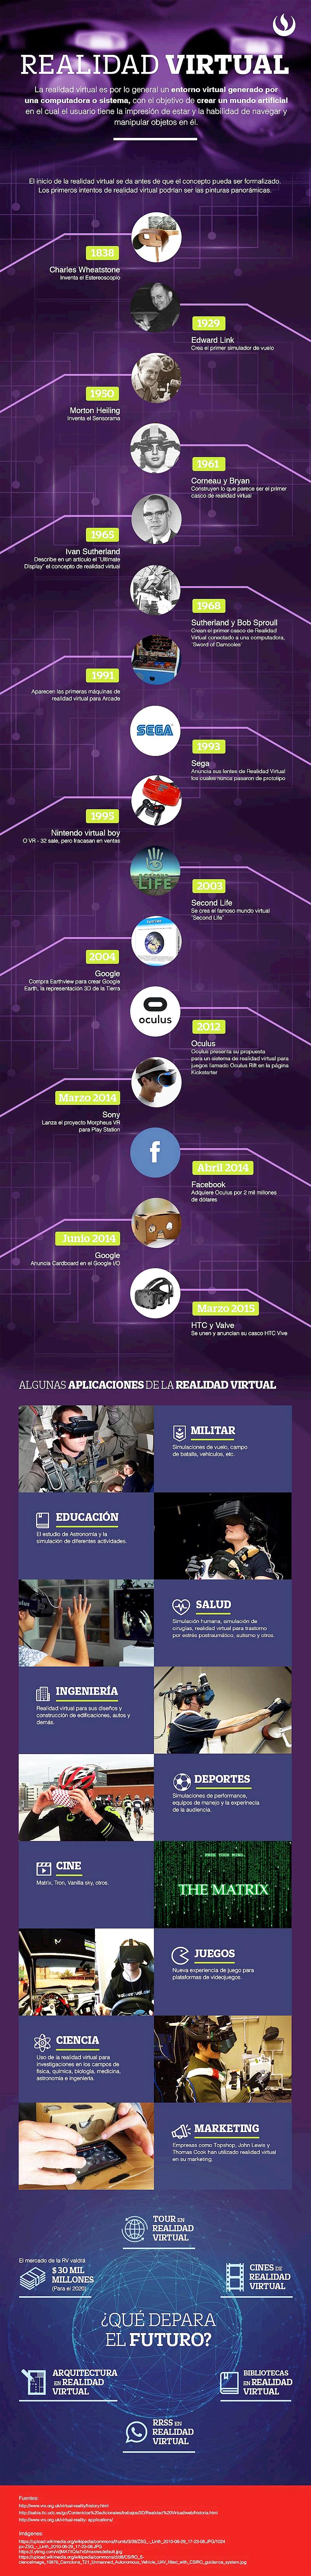 Que-es-la-Realidad-Virtual